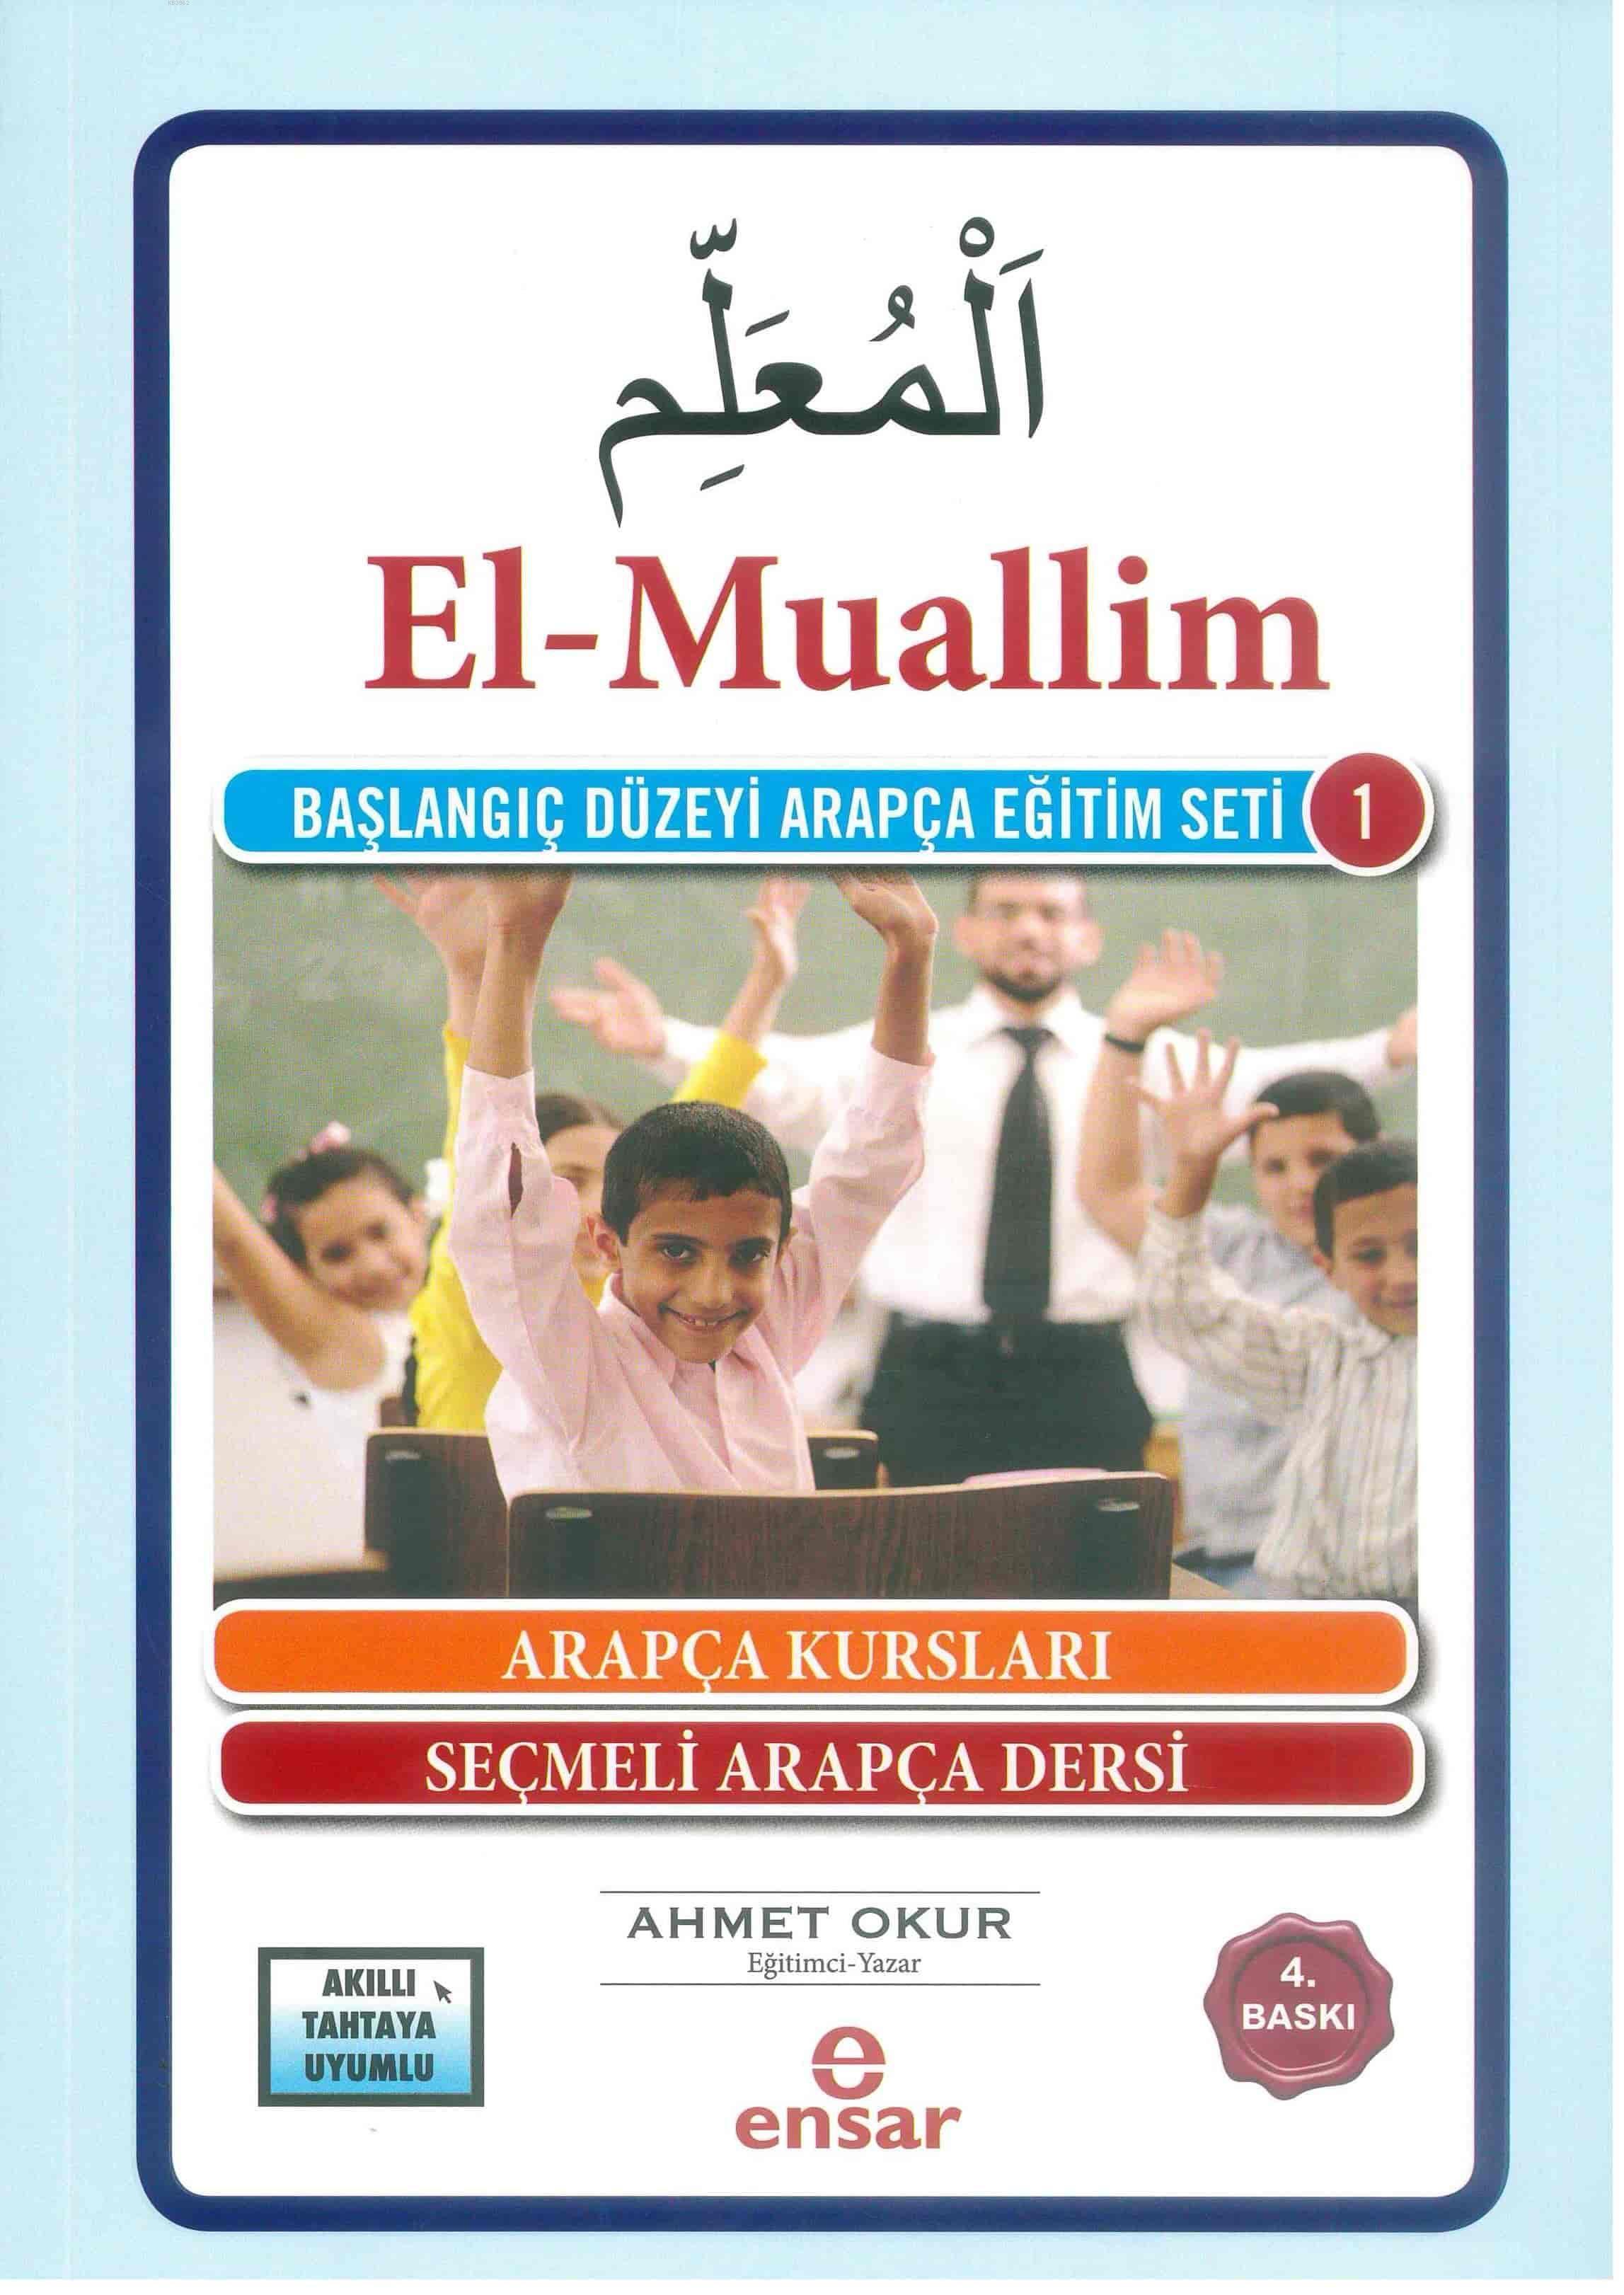 El-Muallim; Başlangıç Düzeyi Arapça Eğitim Seti-1